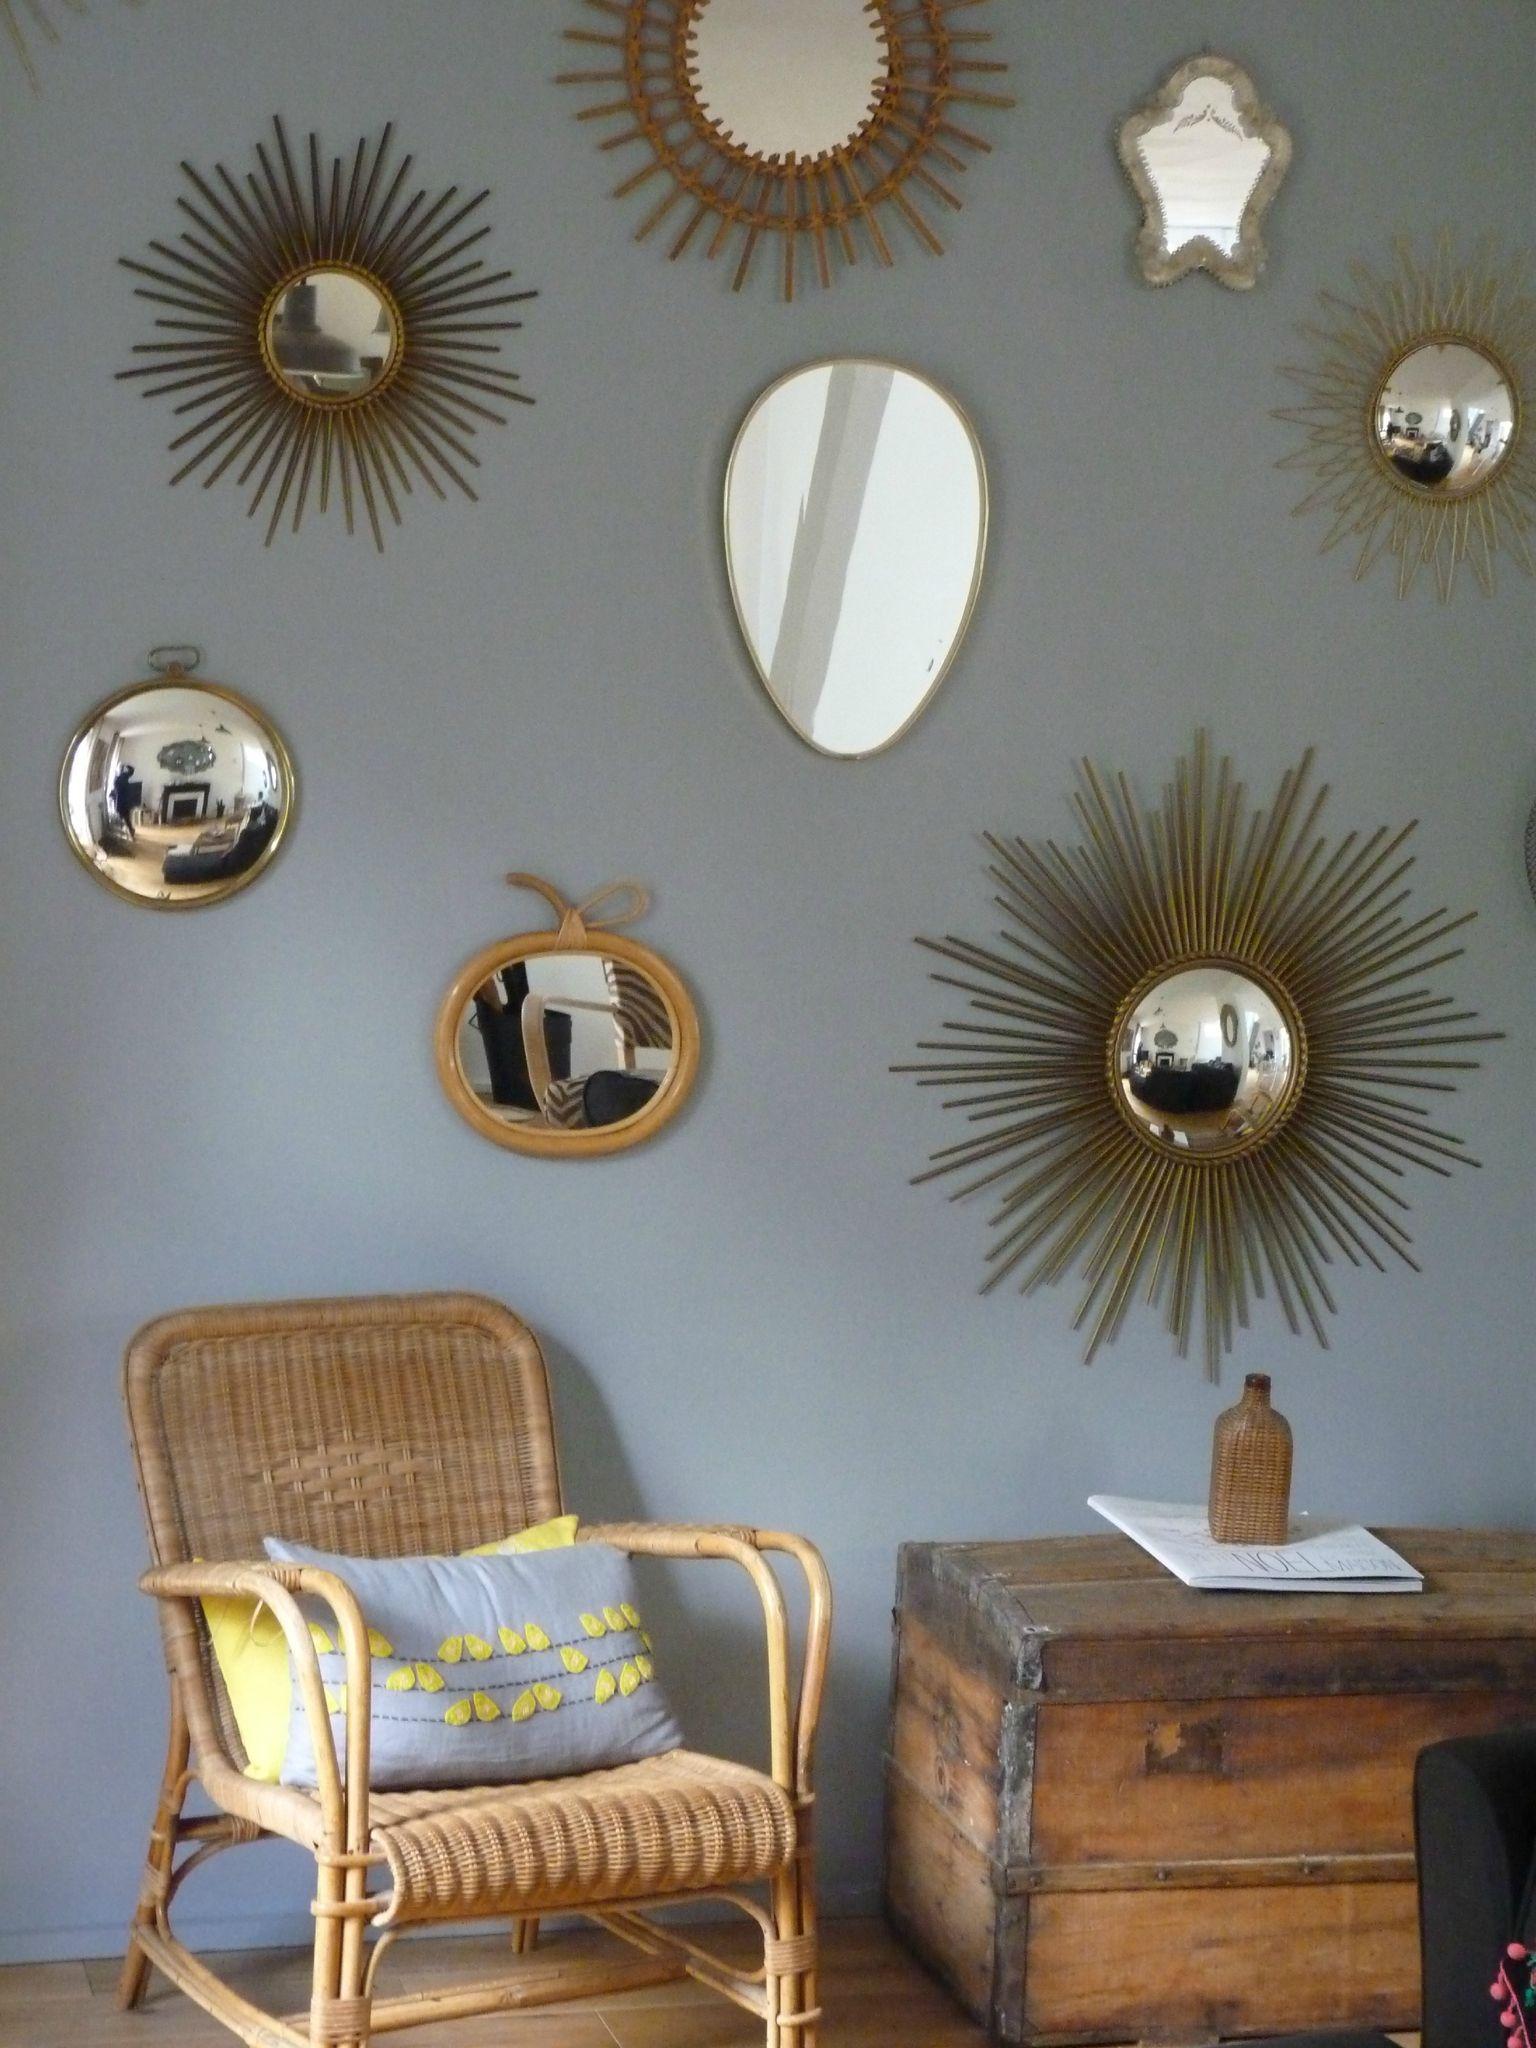 afficher l 39 image d 39 origine mur de cadres pinterest images miroirs et mur de miroirs. Black Bedroom Furniture Sets. Home Design Ideas